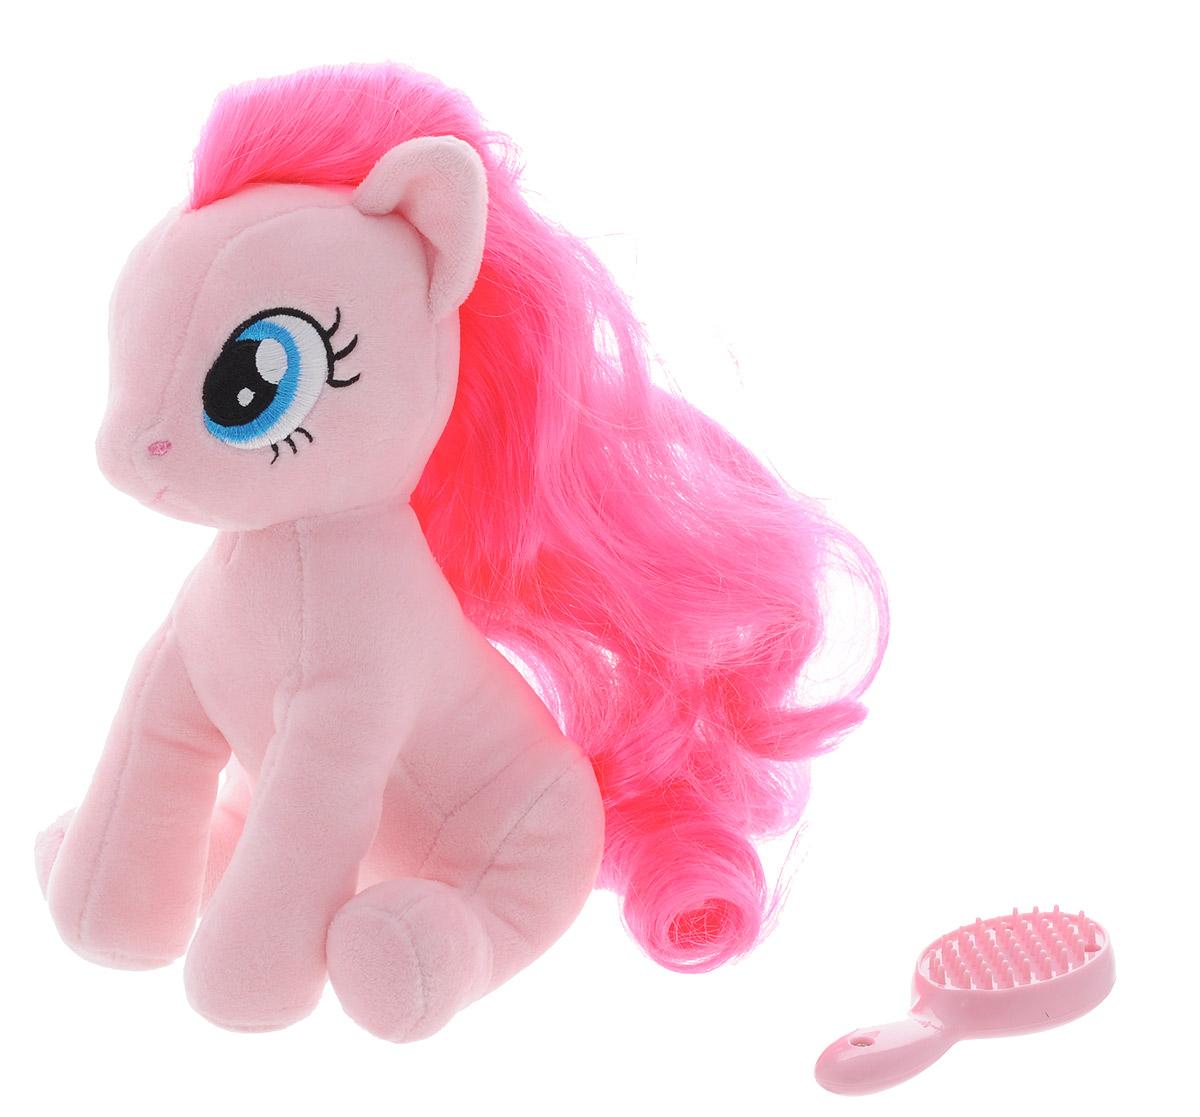 My Little Pony Мягкая игрушка Пони Pinkie Pie с волшебной расческой 20 см2098057Мягкая игрушка My Little Pony Пони Pinkie Pie с волшебной расческой, выполненная в виде пони с розовой гривой, порадует вашу малышку и доставит ей много удовольствия от часов, посвященных игре с ней. Игрушка изготовлена из гипоаллергенной ткани, очень приятной на ощупь. У пони роскошная грива, которую можно расчесывать. Для этого в наборе имеется волшебная расческа. Как только вы начнете ее причесывать - она засветятся от счастья! Играя с пони, ребенок развивает мелкую моторику, свое воображение и фантазию, усидчивость. Порадуйте свою малышку таким подарком.